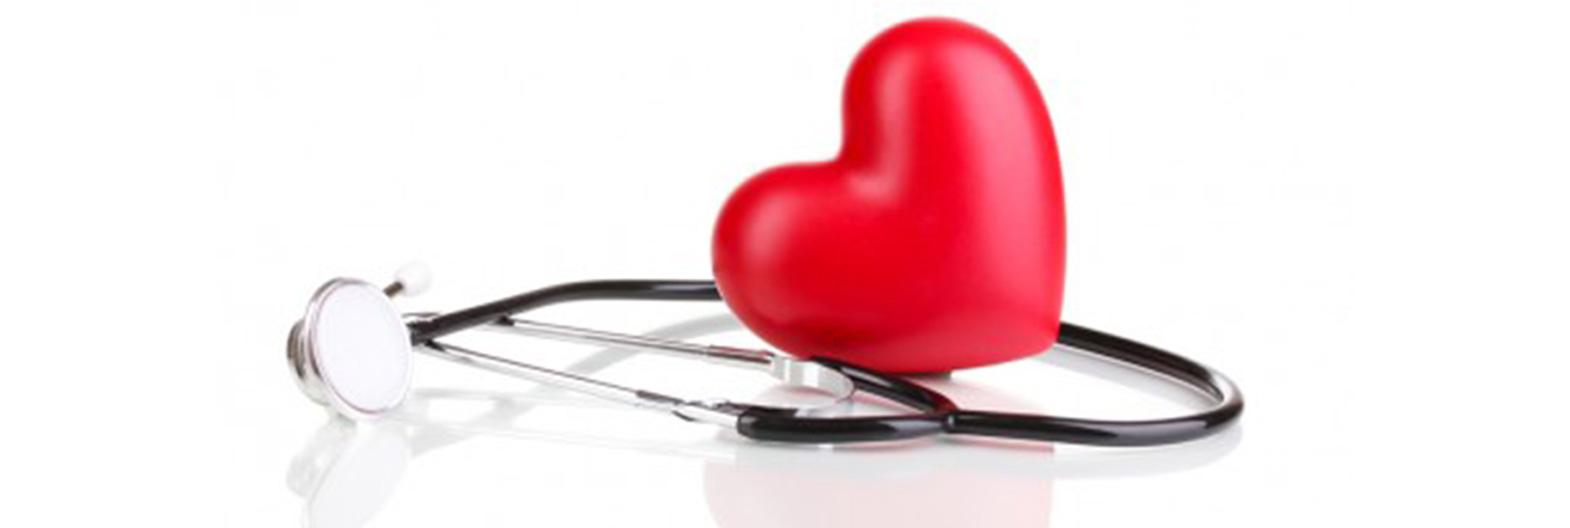 pasienio hipertenzija kas tai